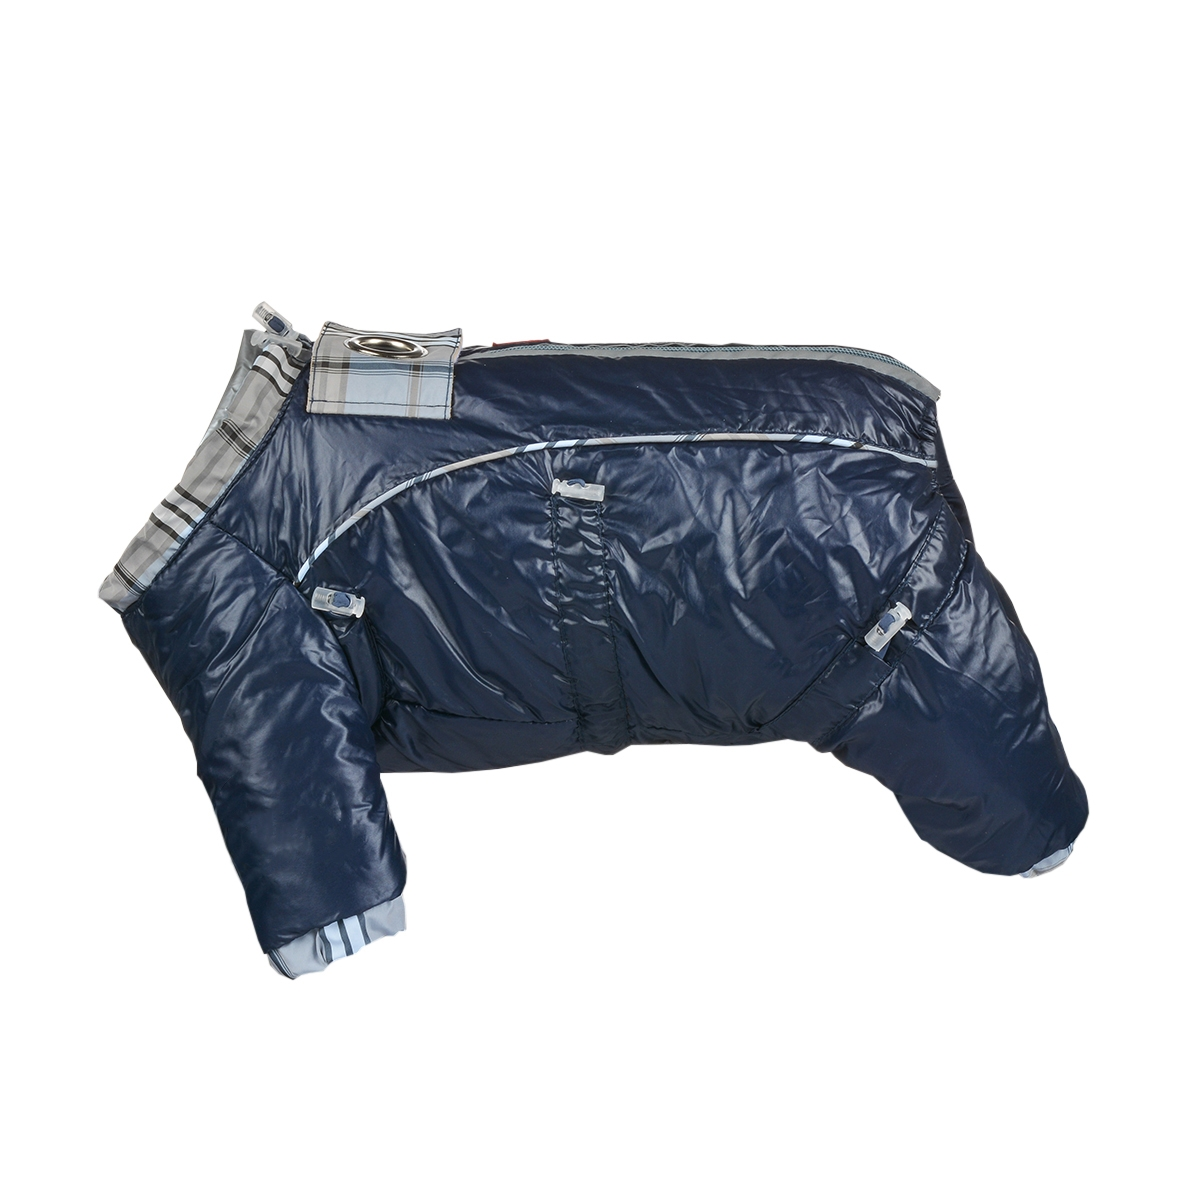 Комбинезон для собак Dogmoda Doggs, зимний, для мальчика, цвет: темно-синий. Размер XLDM-140538Комбинезон для собак Dogmoda Doggs отлично подойдет для прогулок в зимнее время года.Комбинезон изготовлен из полиэстера, защищающего от ветра и снега, с утеплителем из синтепона, который сохранит тепло даже в сильные морозы, а на подкладке используется искусственный мех, который обеспечивает отличный воздухообмен. Комбинезон застегивается на молнию и липучку, благодаря чему его легко надевать и снимать. Молния снабжена светоотражающими элементами. Низ рукавов и брючин оснащен внутренними резинками, которые мягко обхватывают лапки, не позволяя просачиваться холодному воздуху. На вороте, пояснице и лапках комбинезон затягивается на шнурок-кулиску с затяжкой. Модель снабжена непромокаемым карманом для размещения записки с информацией о вашем питомце, на случай если он потеряется.Благодаря такому комбинезону простуда не грозит вашему питомцу и он не даст любимцу продрогнуть на прогулке.